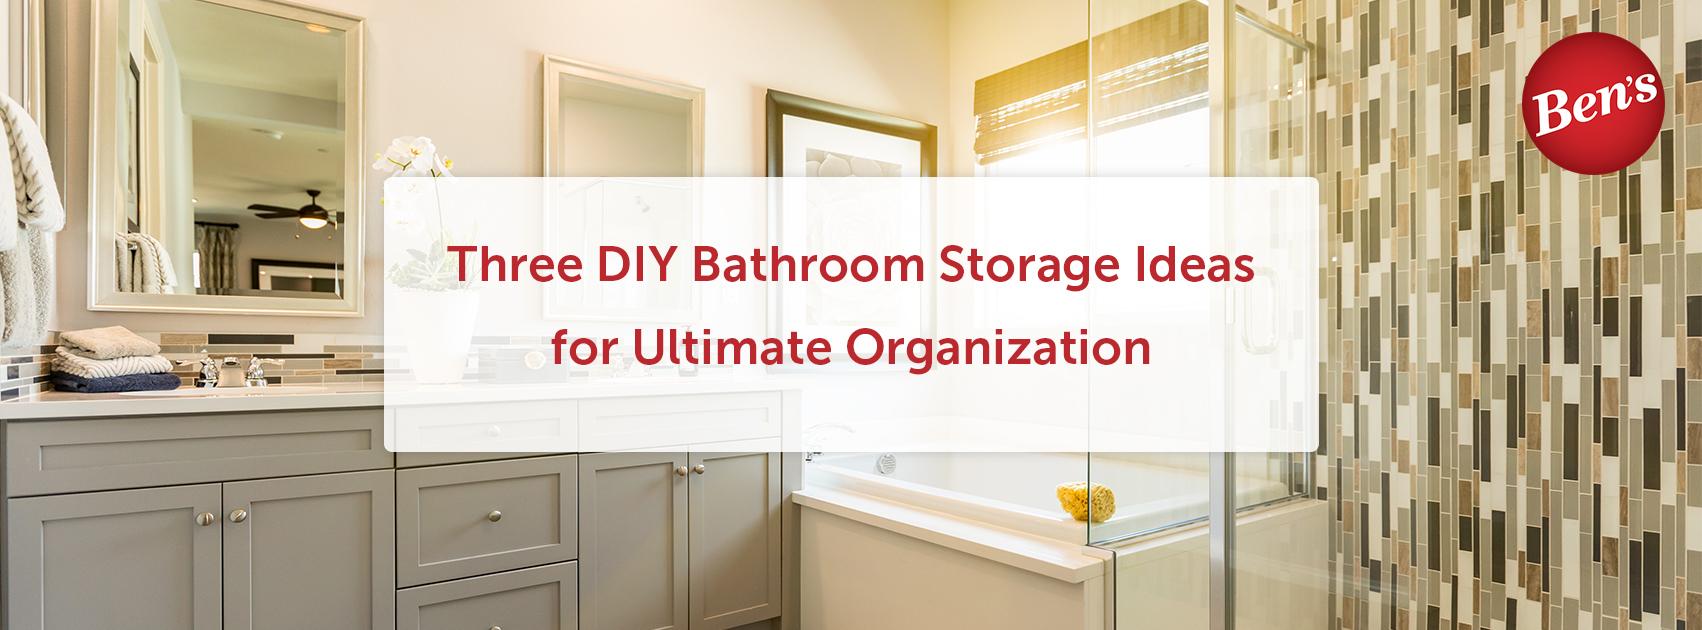 Three DIY Bathroom Storage Ideas for Ultimate Organization